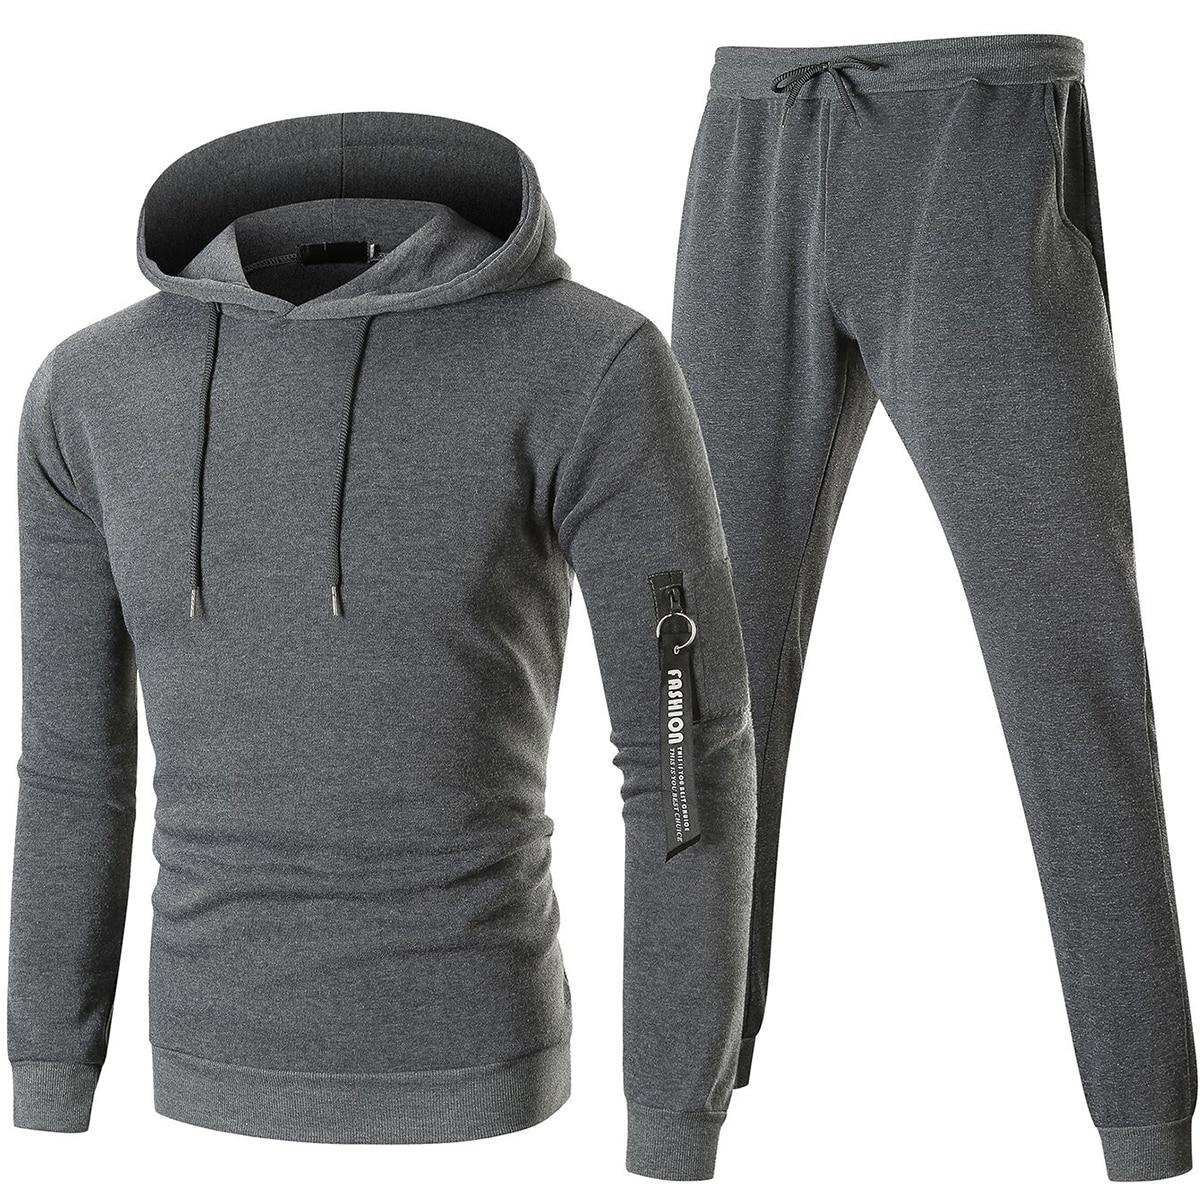 Мужские спортивные брюки и толстовка с камуфляжным принтом от SHEIN